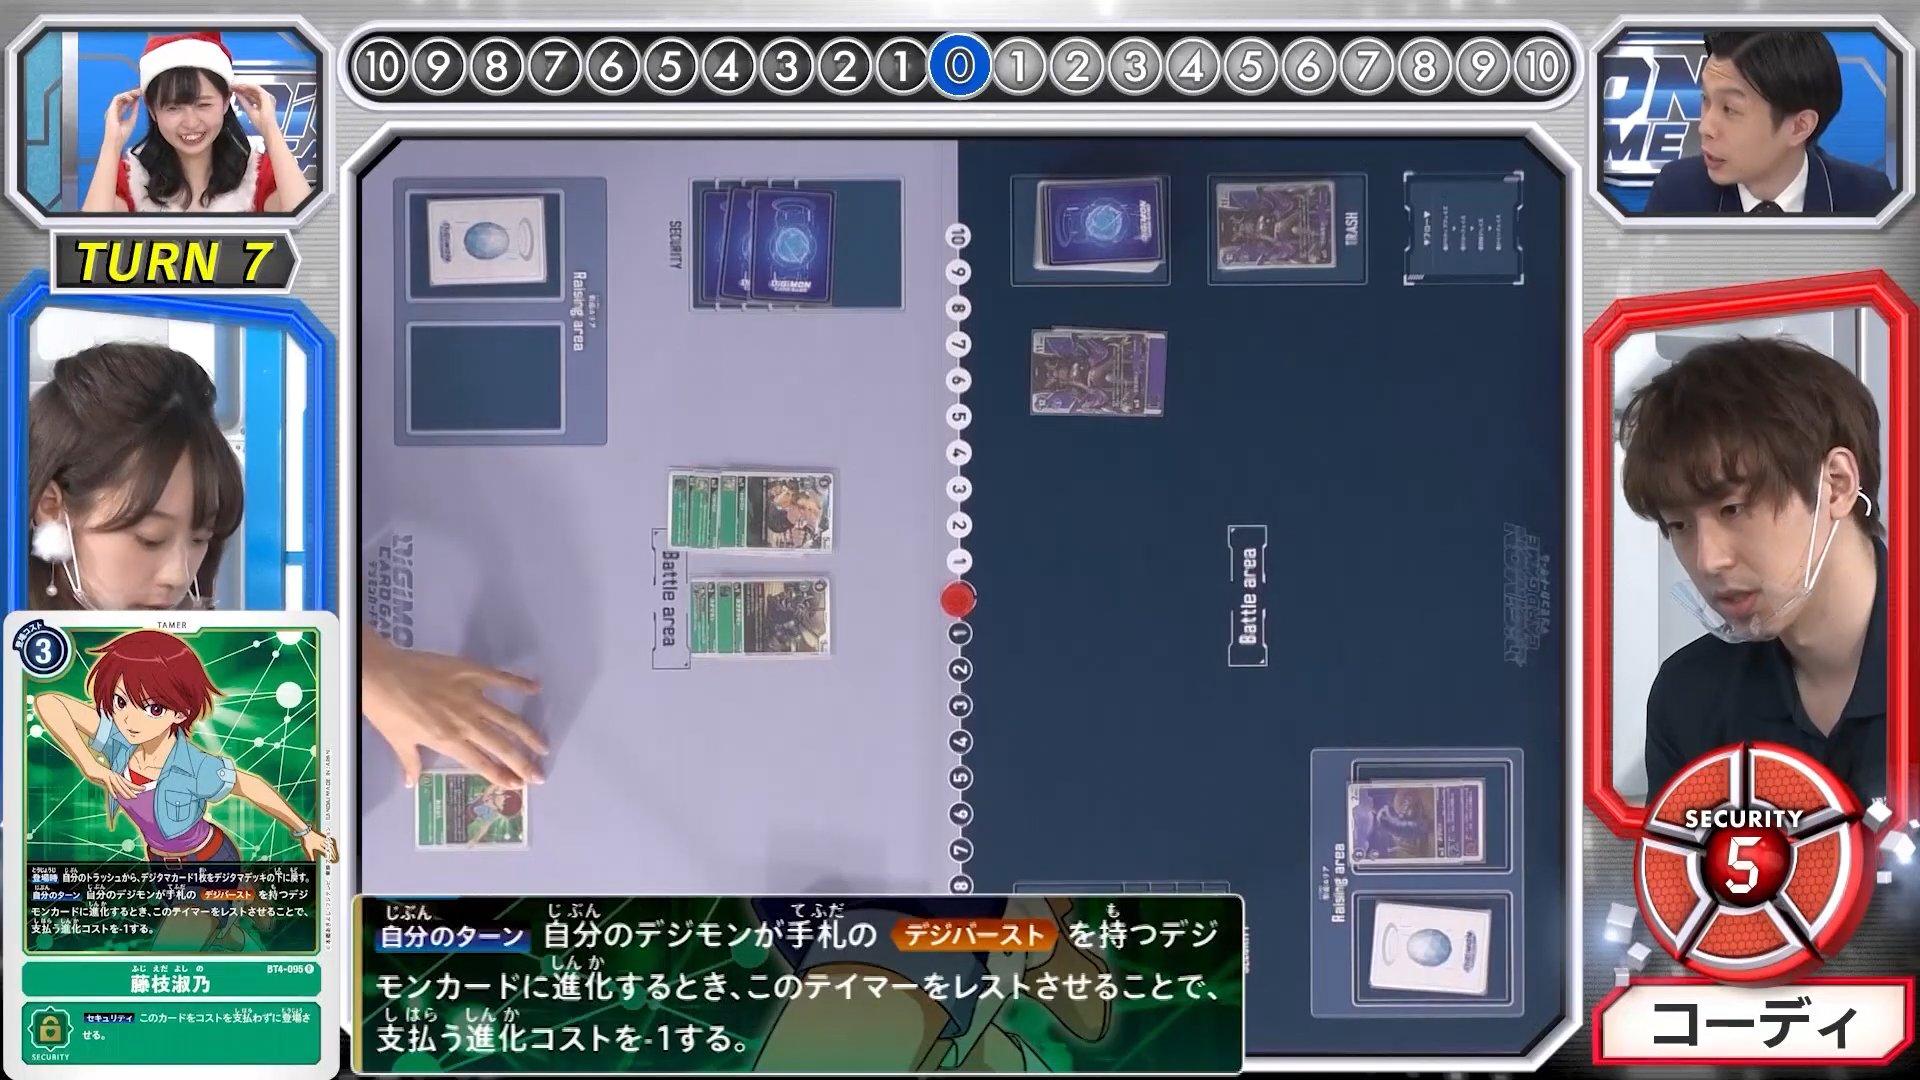 digimoncardbattle_v2_12_08_december24_2020.jpg